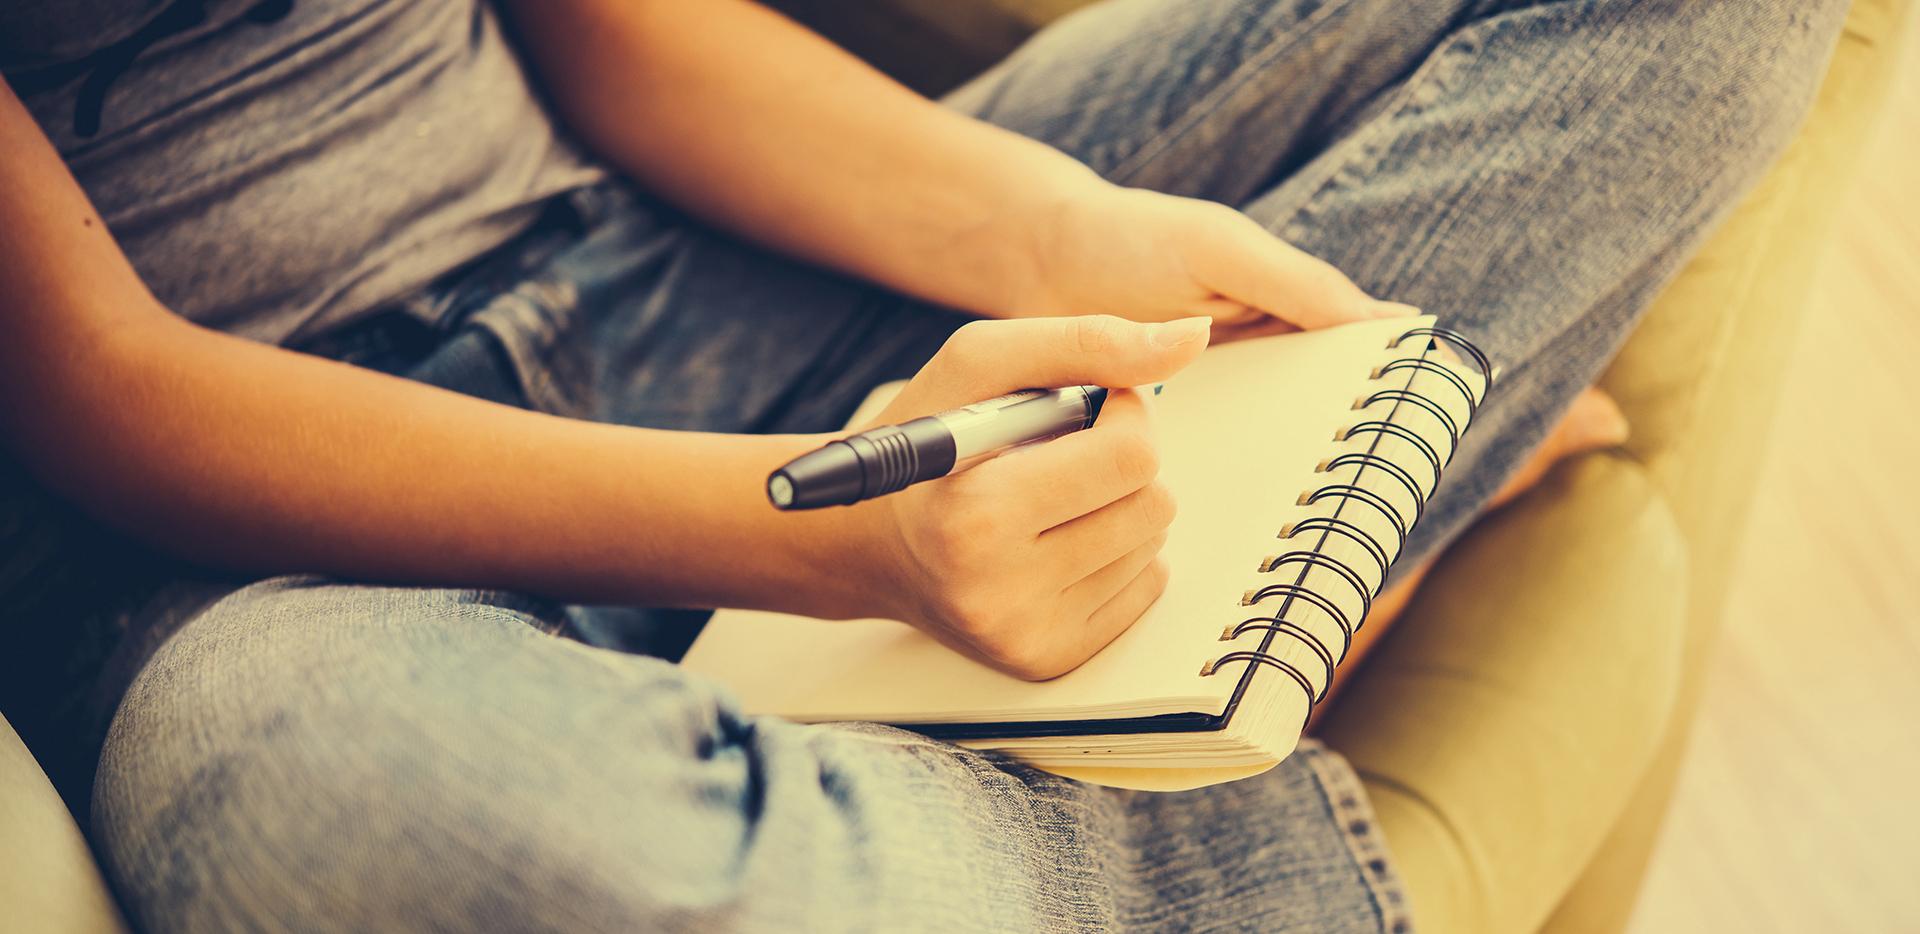 L'écriture Structure Le Cerveau - Joey Cornu Éditeur tout Image Écriture